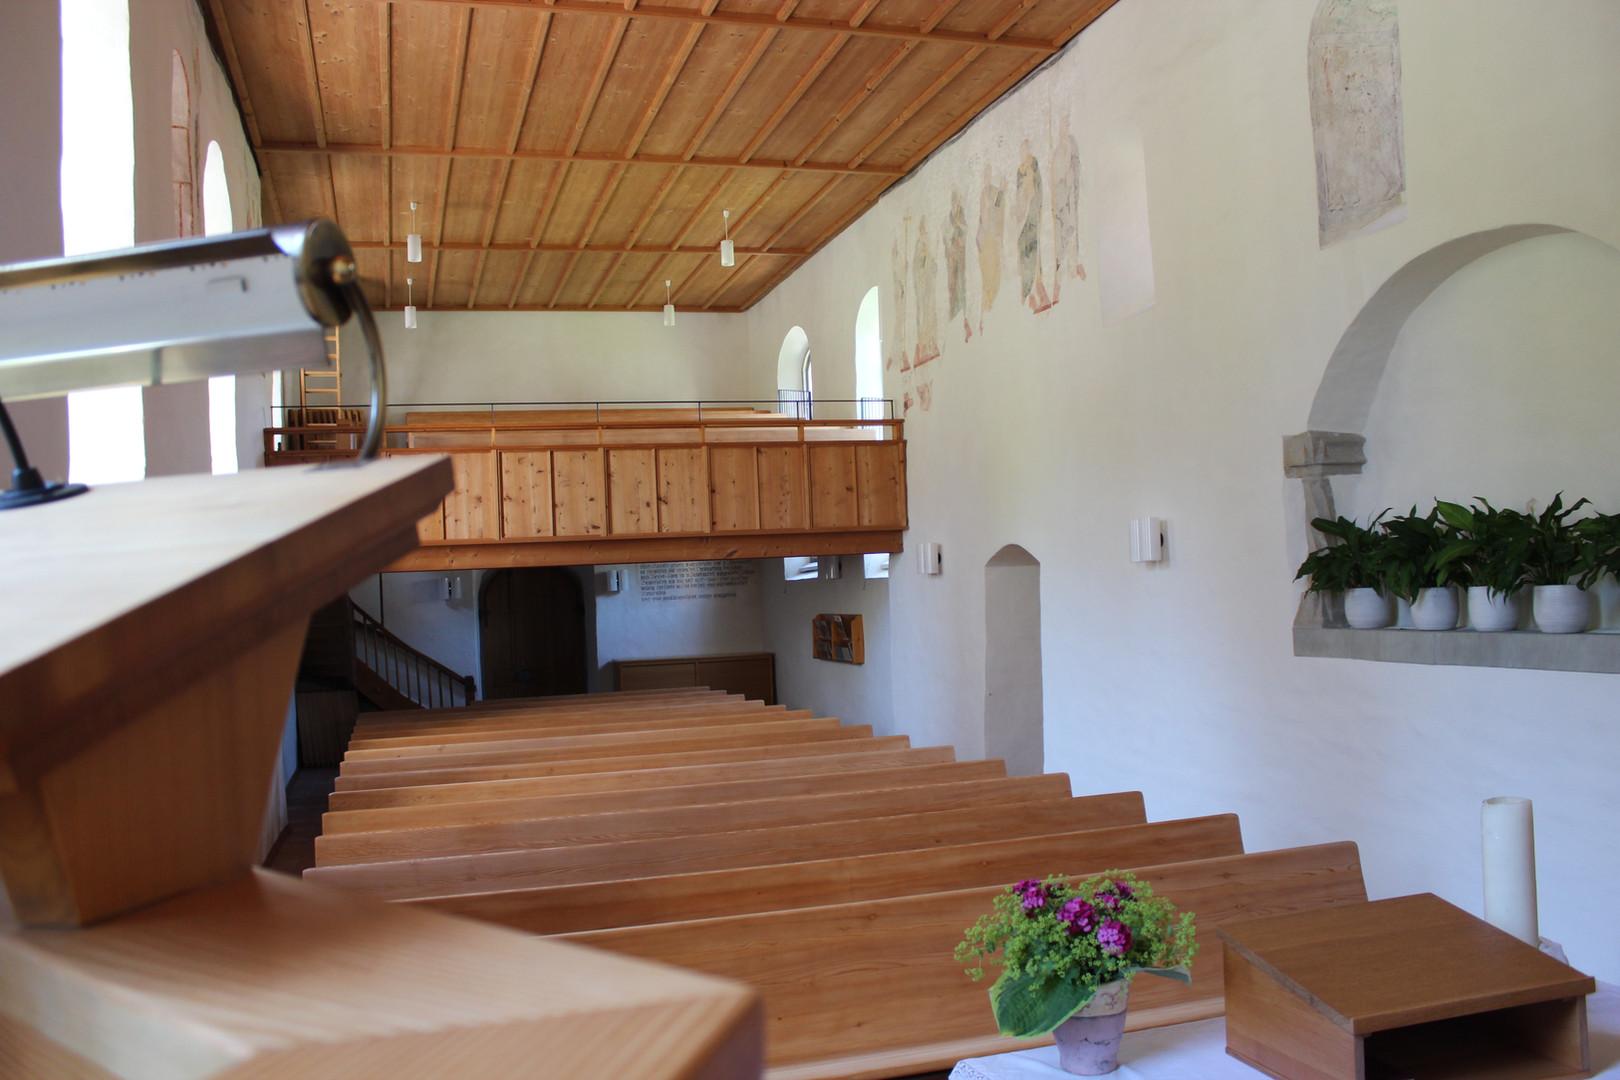 Evang. Kirche Dussnang innen 2